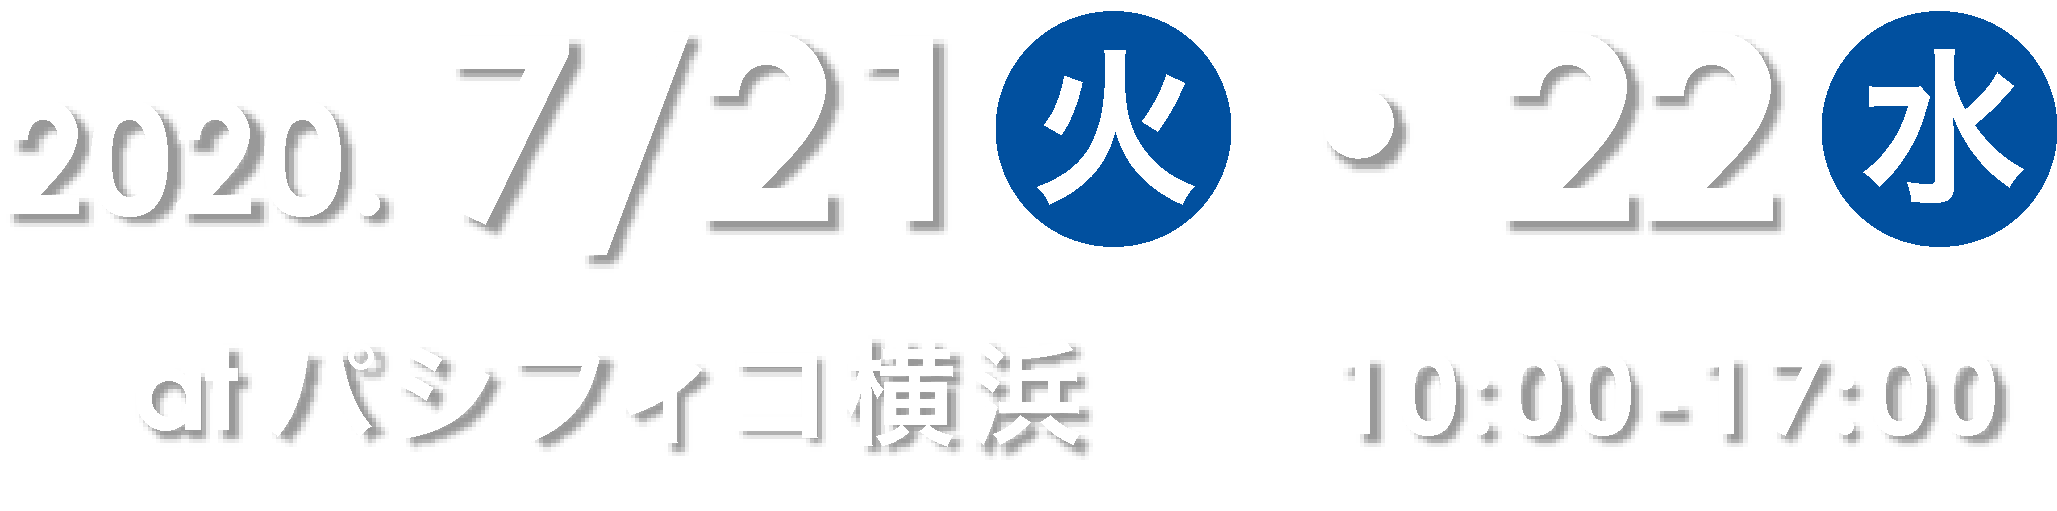 2019年7月30日(火)・31日(水)